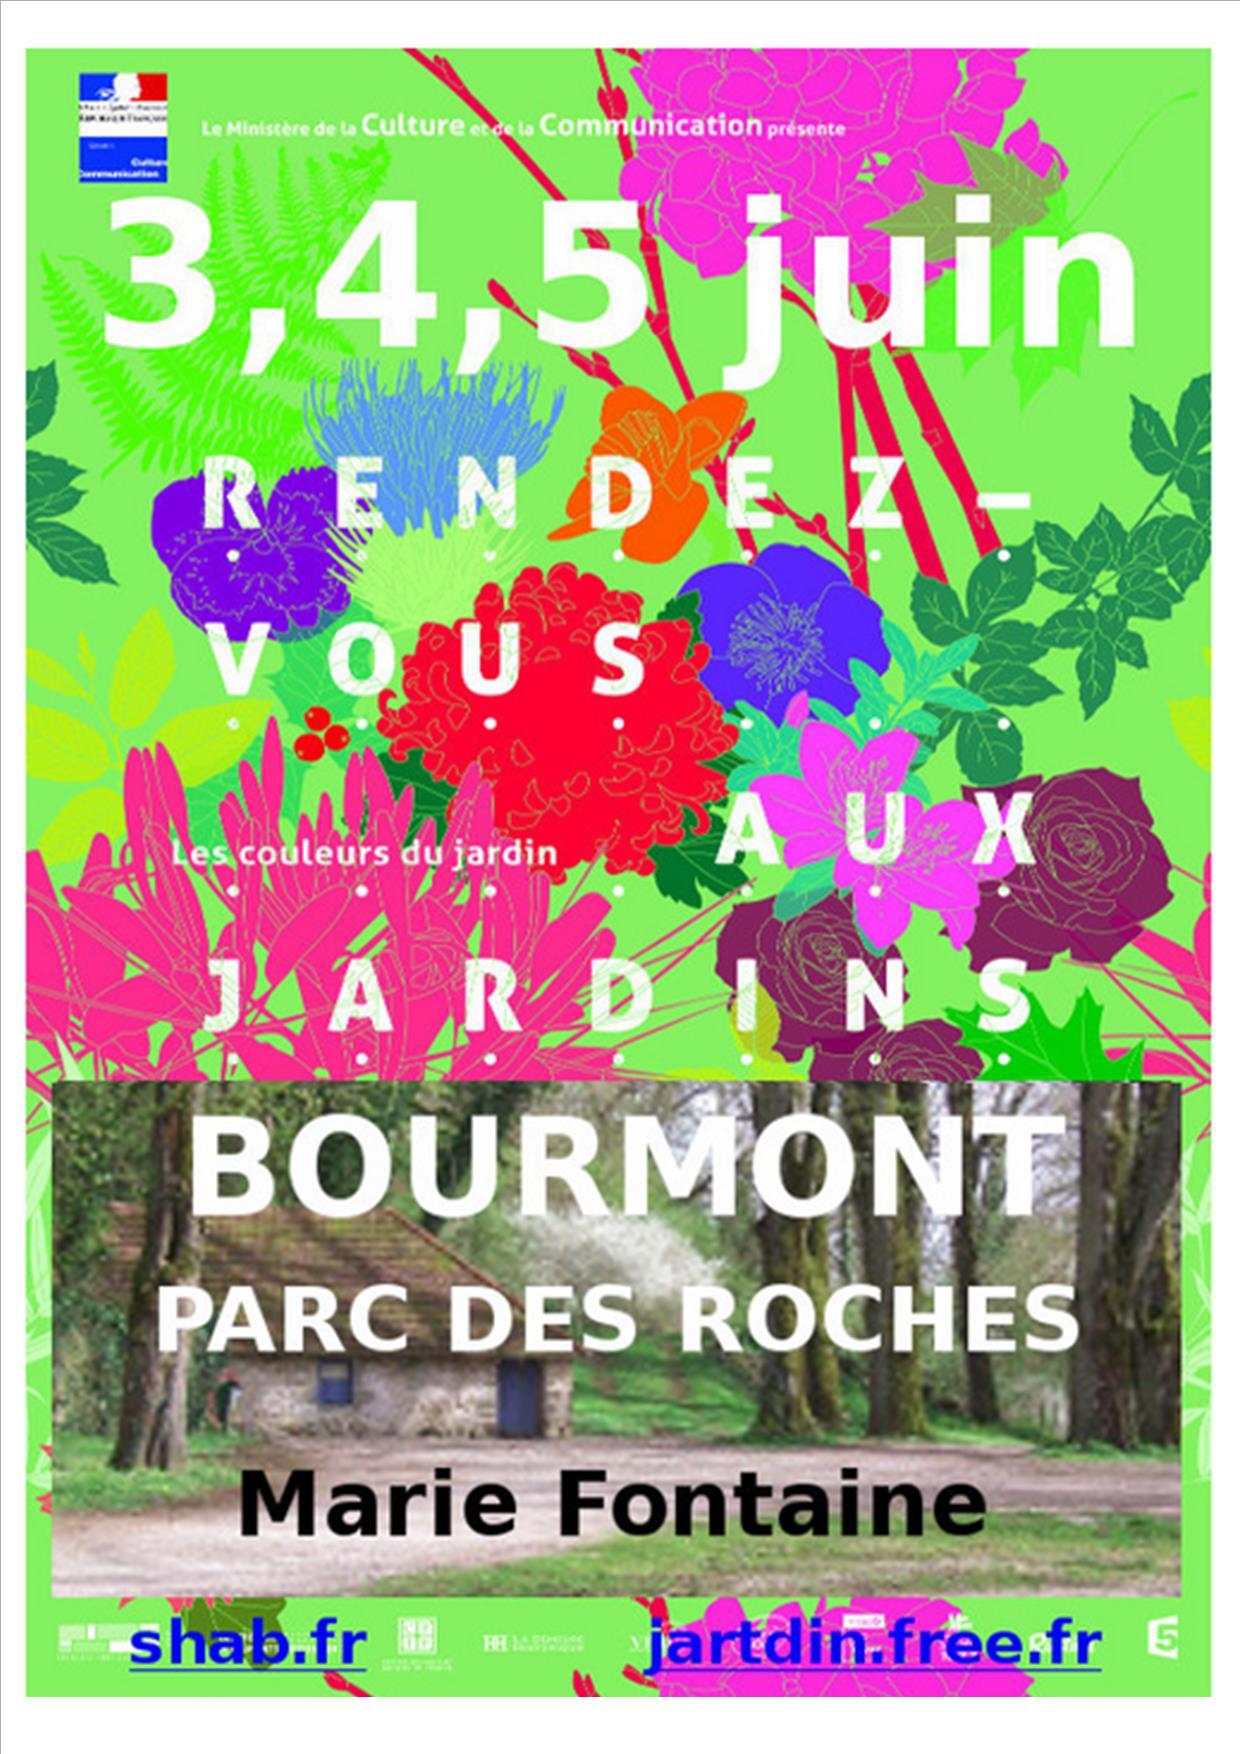 BOURMONT